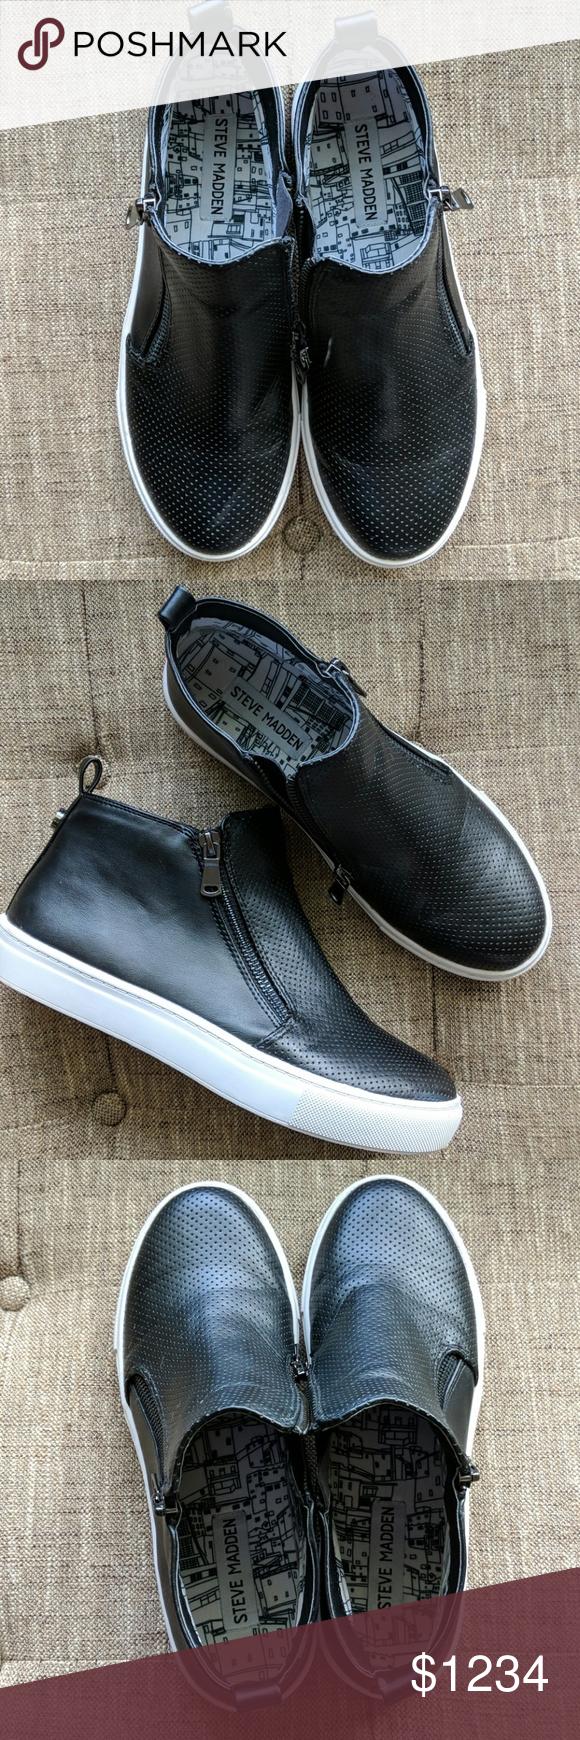 c179fcb0028 Steve Madden Erlina Sneaker Size 6.5 Steve Madden Erlina Sneaker Size 6.5